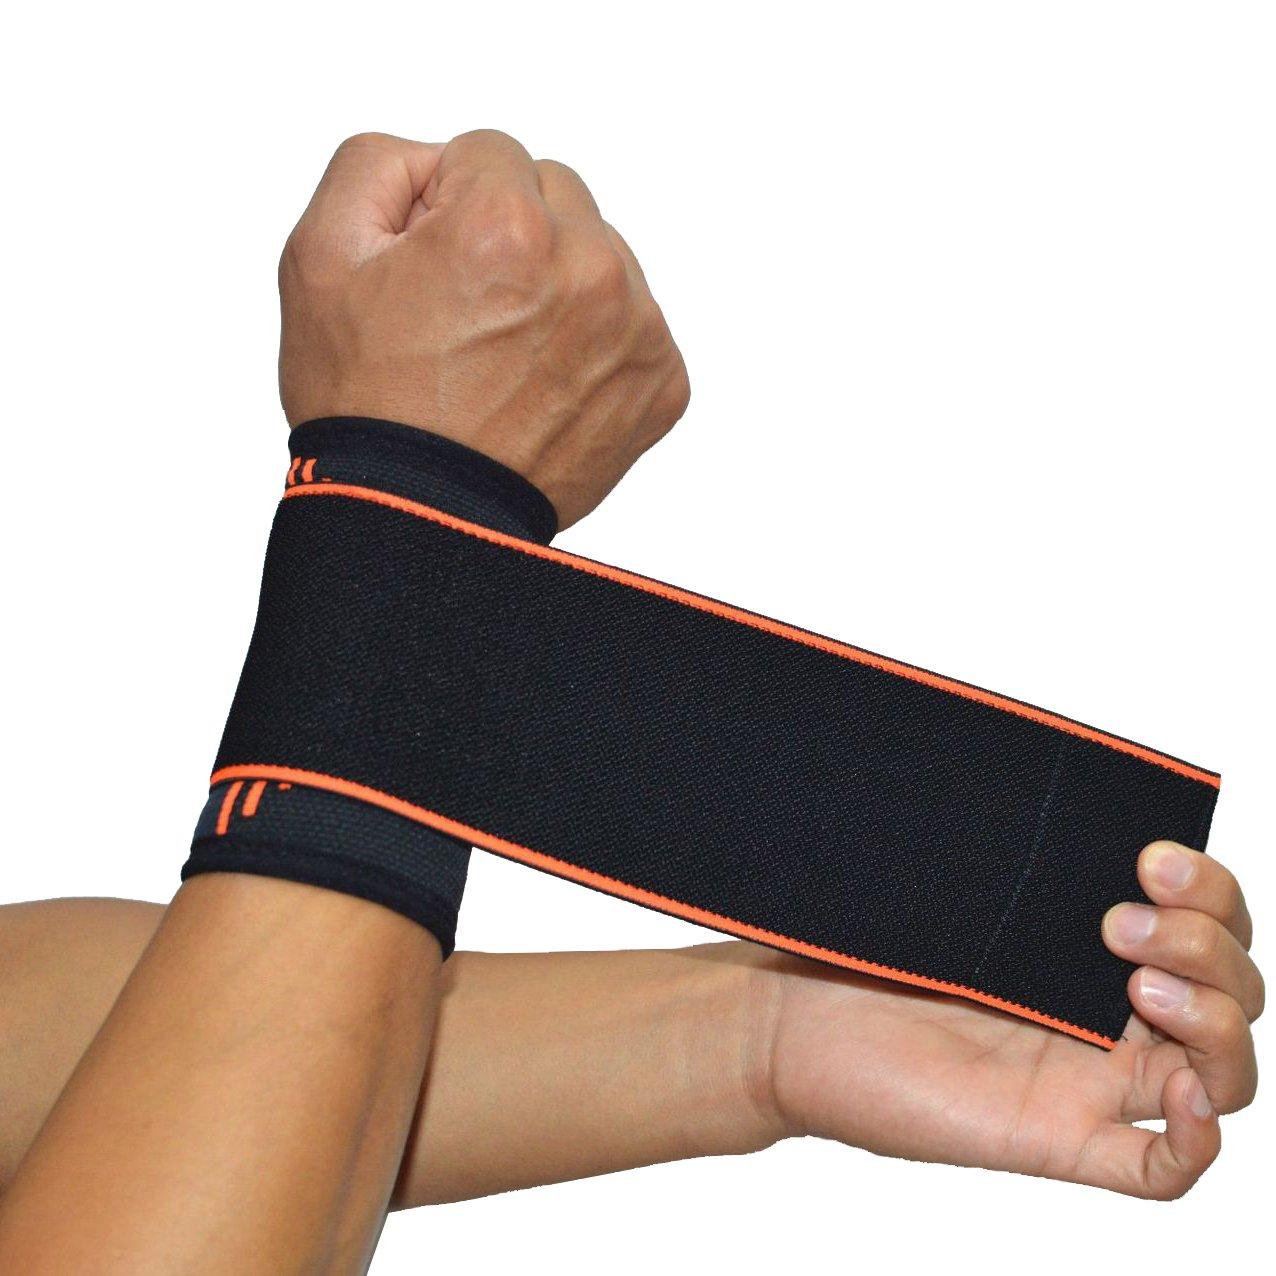 1paire Bracelets de compression support de poignet Wrap Sangle pour le sport Dead Lift d'haltérophilie haltérophilie Gym d'arthrite bodybuilding